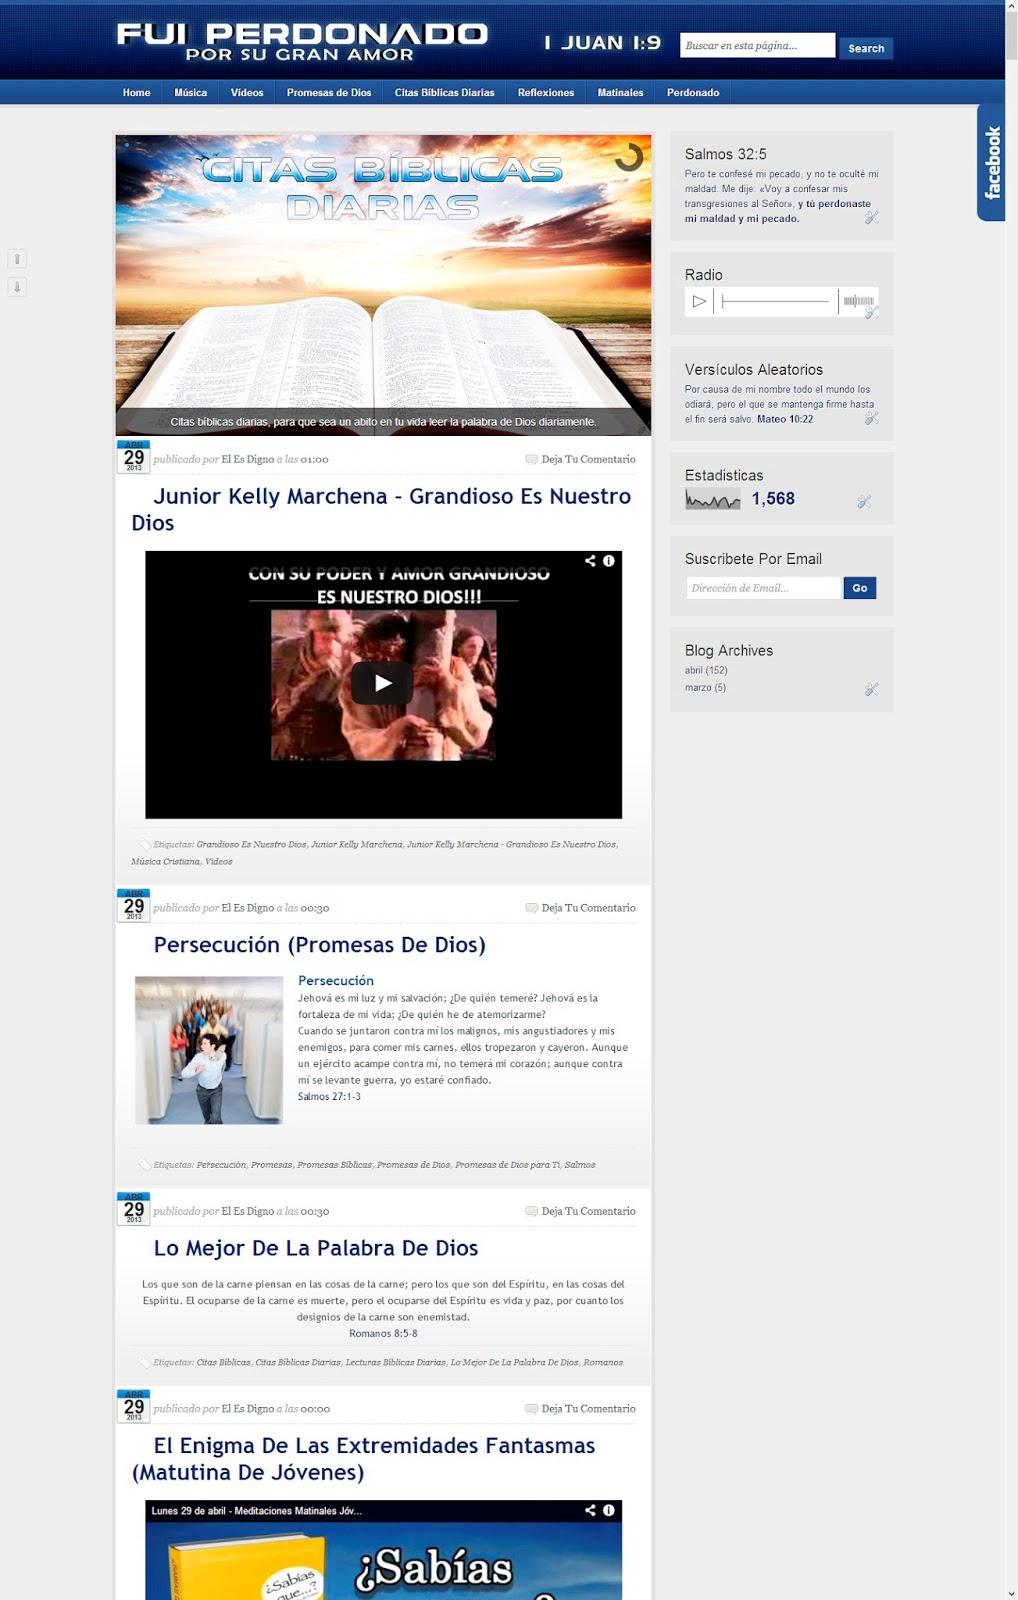 FuiPerdonado.blogspot.com